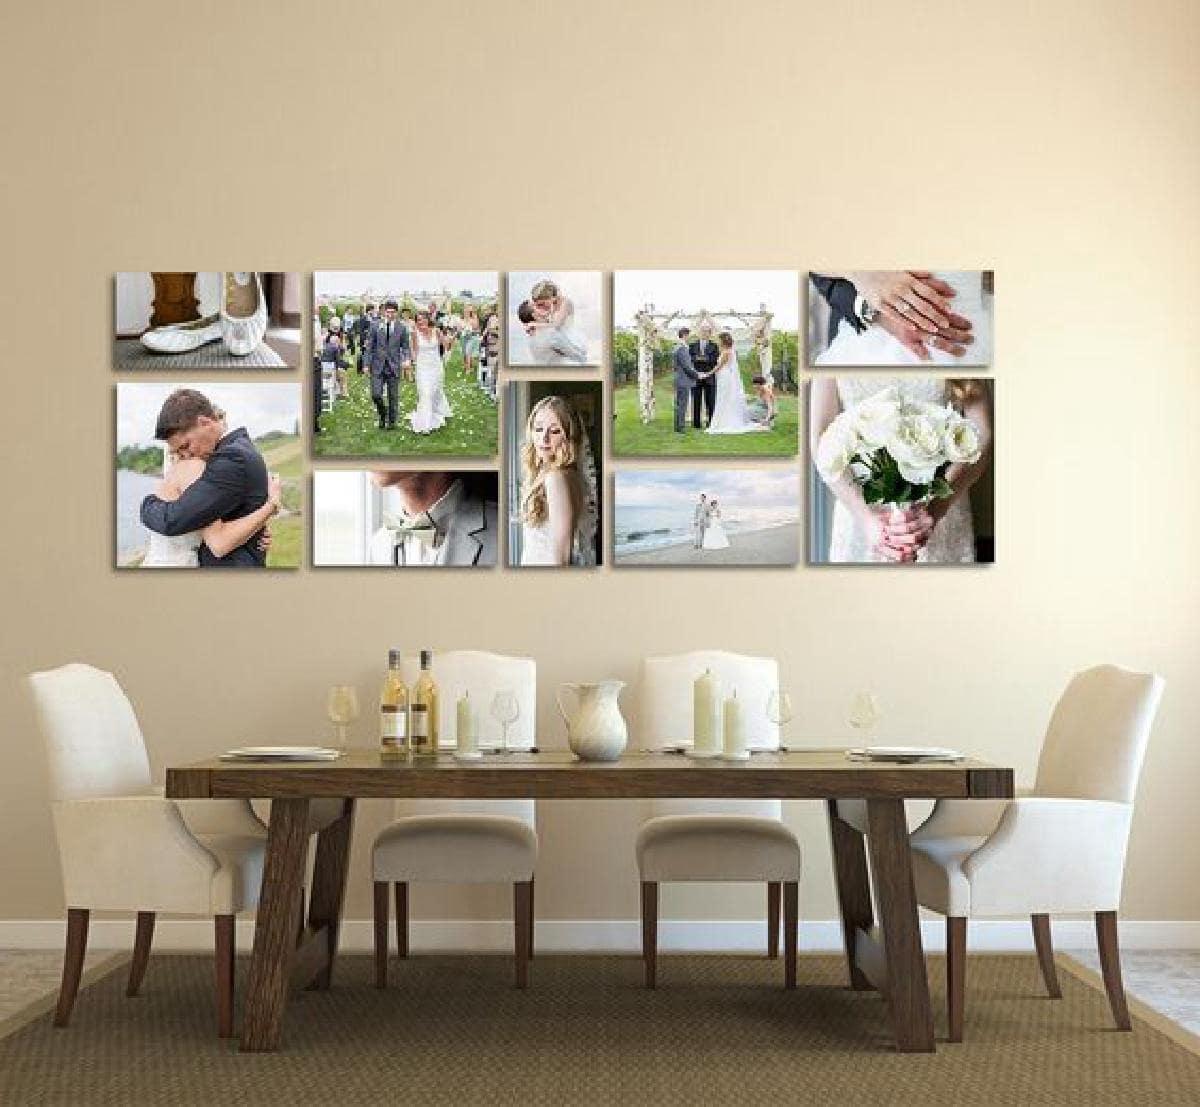 Правильно оформить и грамотно разместить фотографии в интерьере поможет ваша фантазия и чувство вкуса